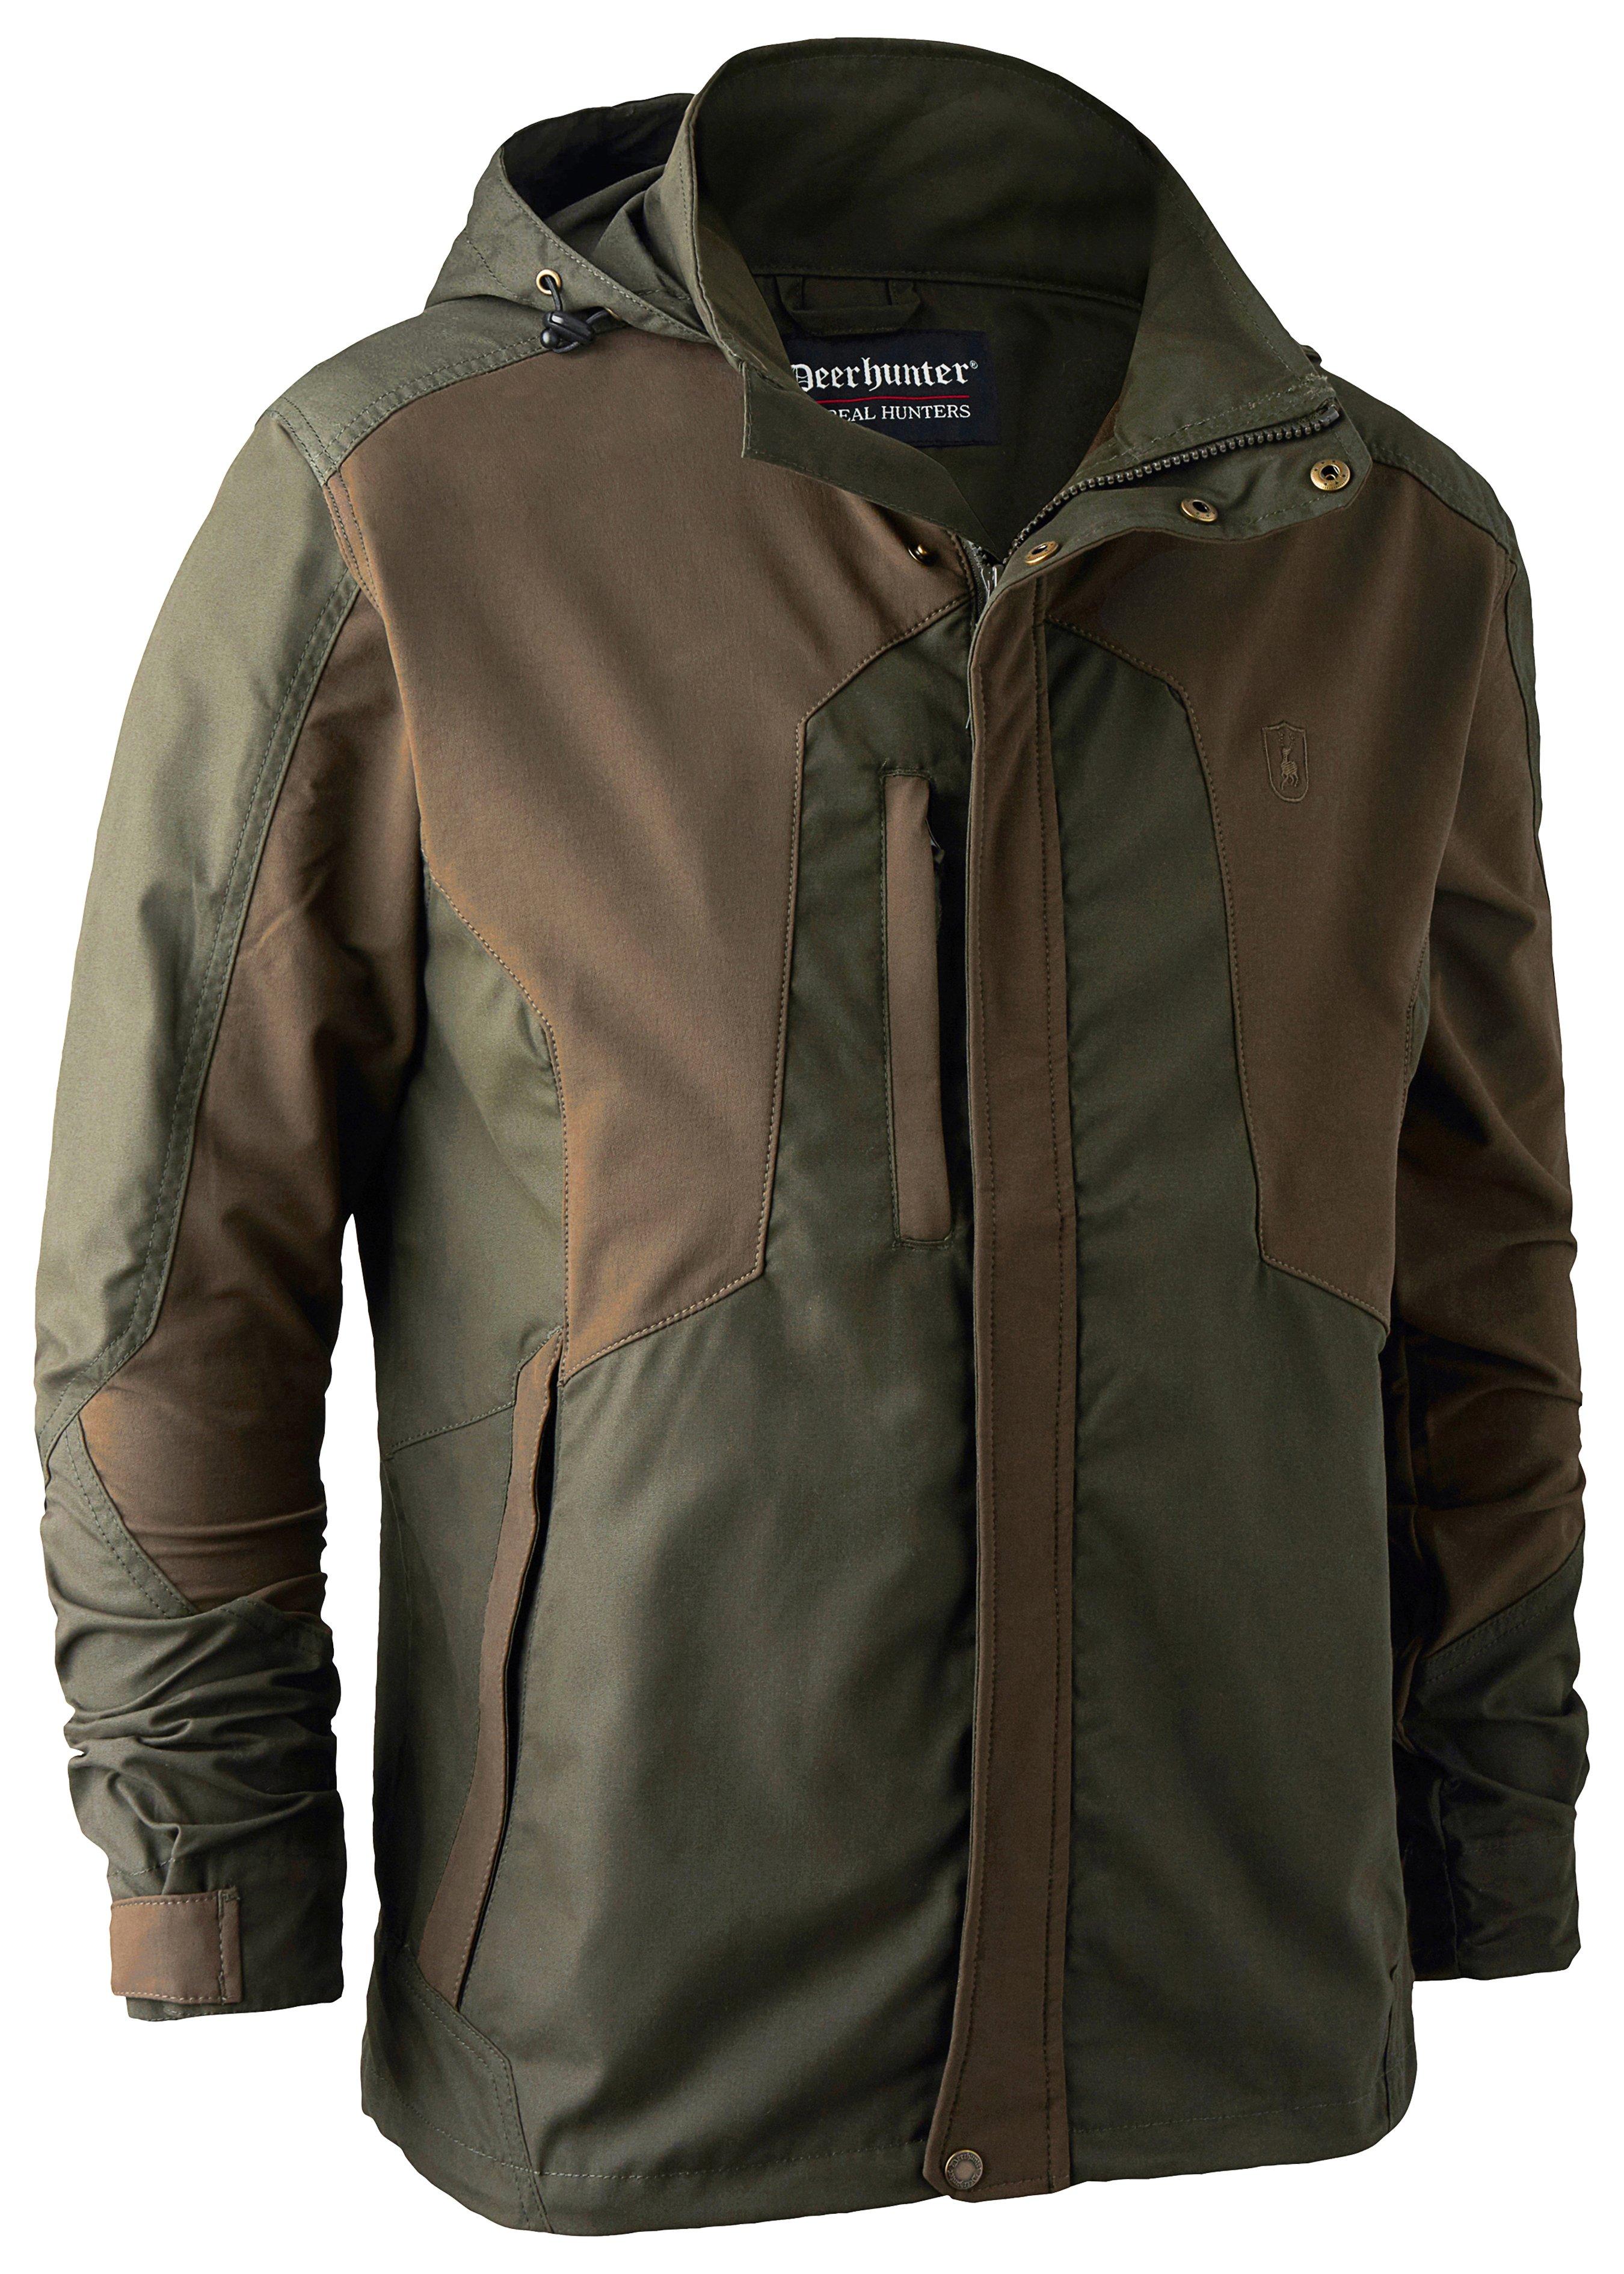 Deerhunter Outdoor- und Jagd-Stretchjacke Strike 207124L 1